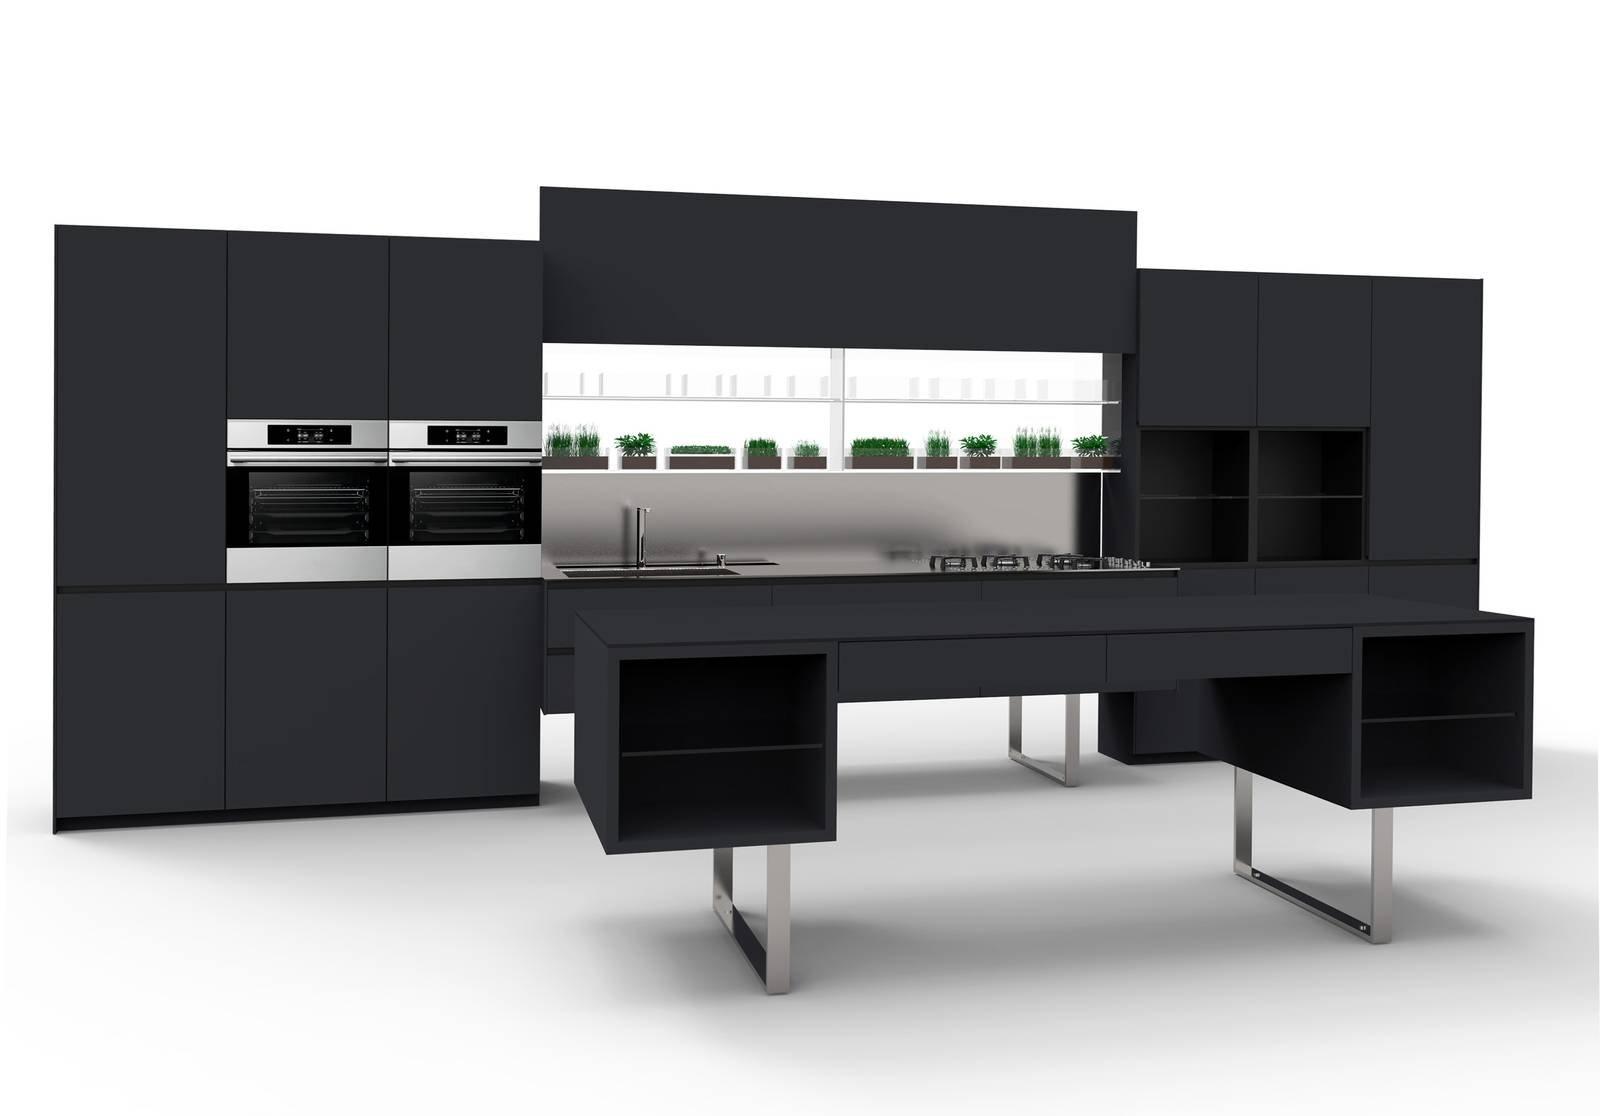 Nero in cucina dai mobili alla finestra black is rock cose di casa